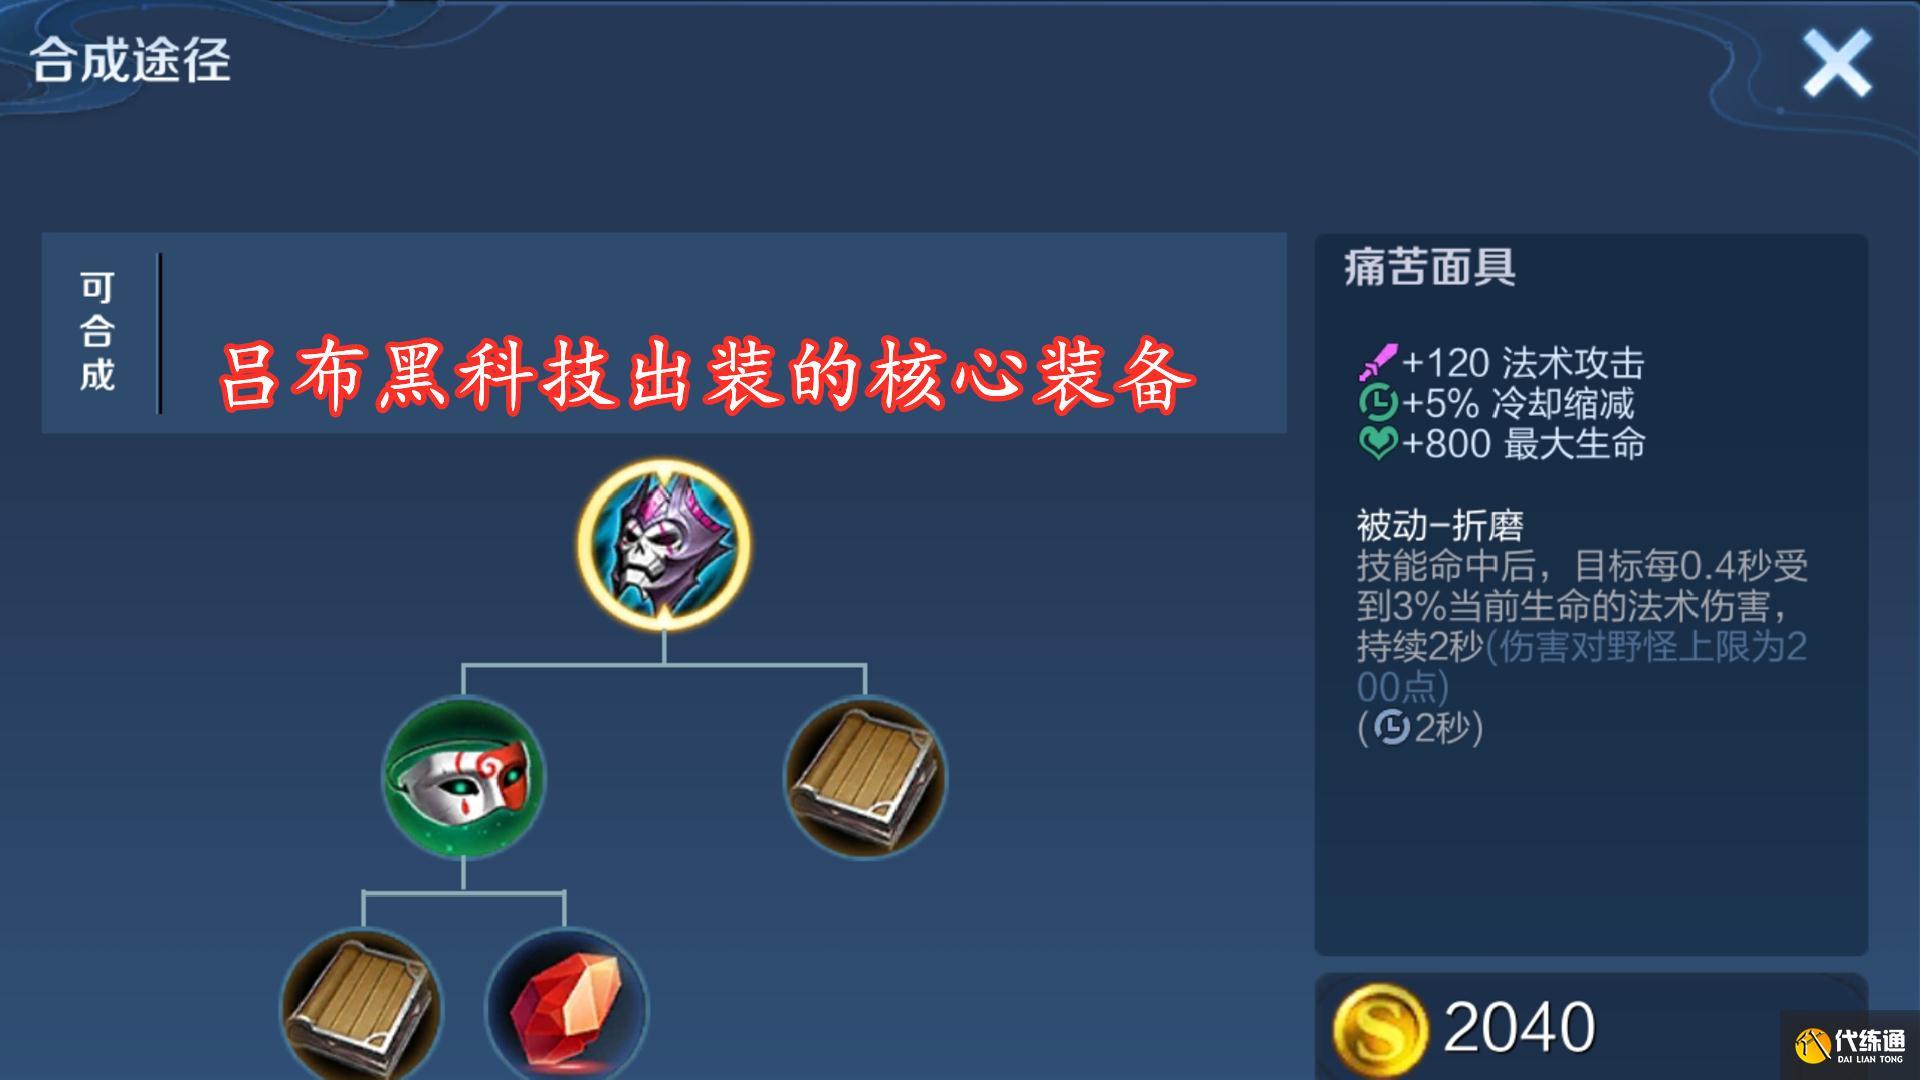 王者榮耀:呂布出裝黑科技,面具加黃刀,二技能成主要輸出技能